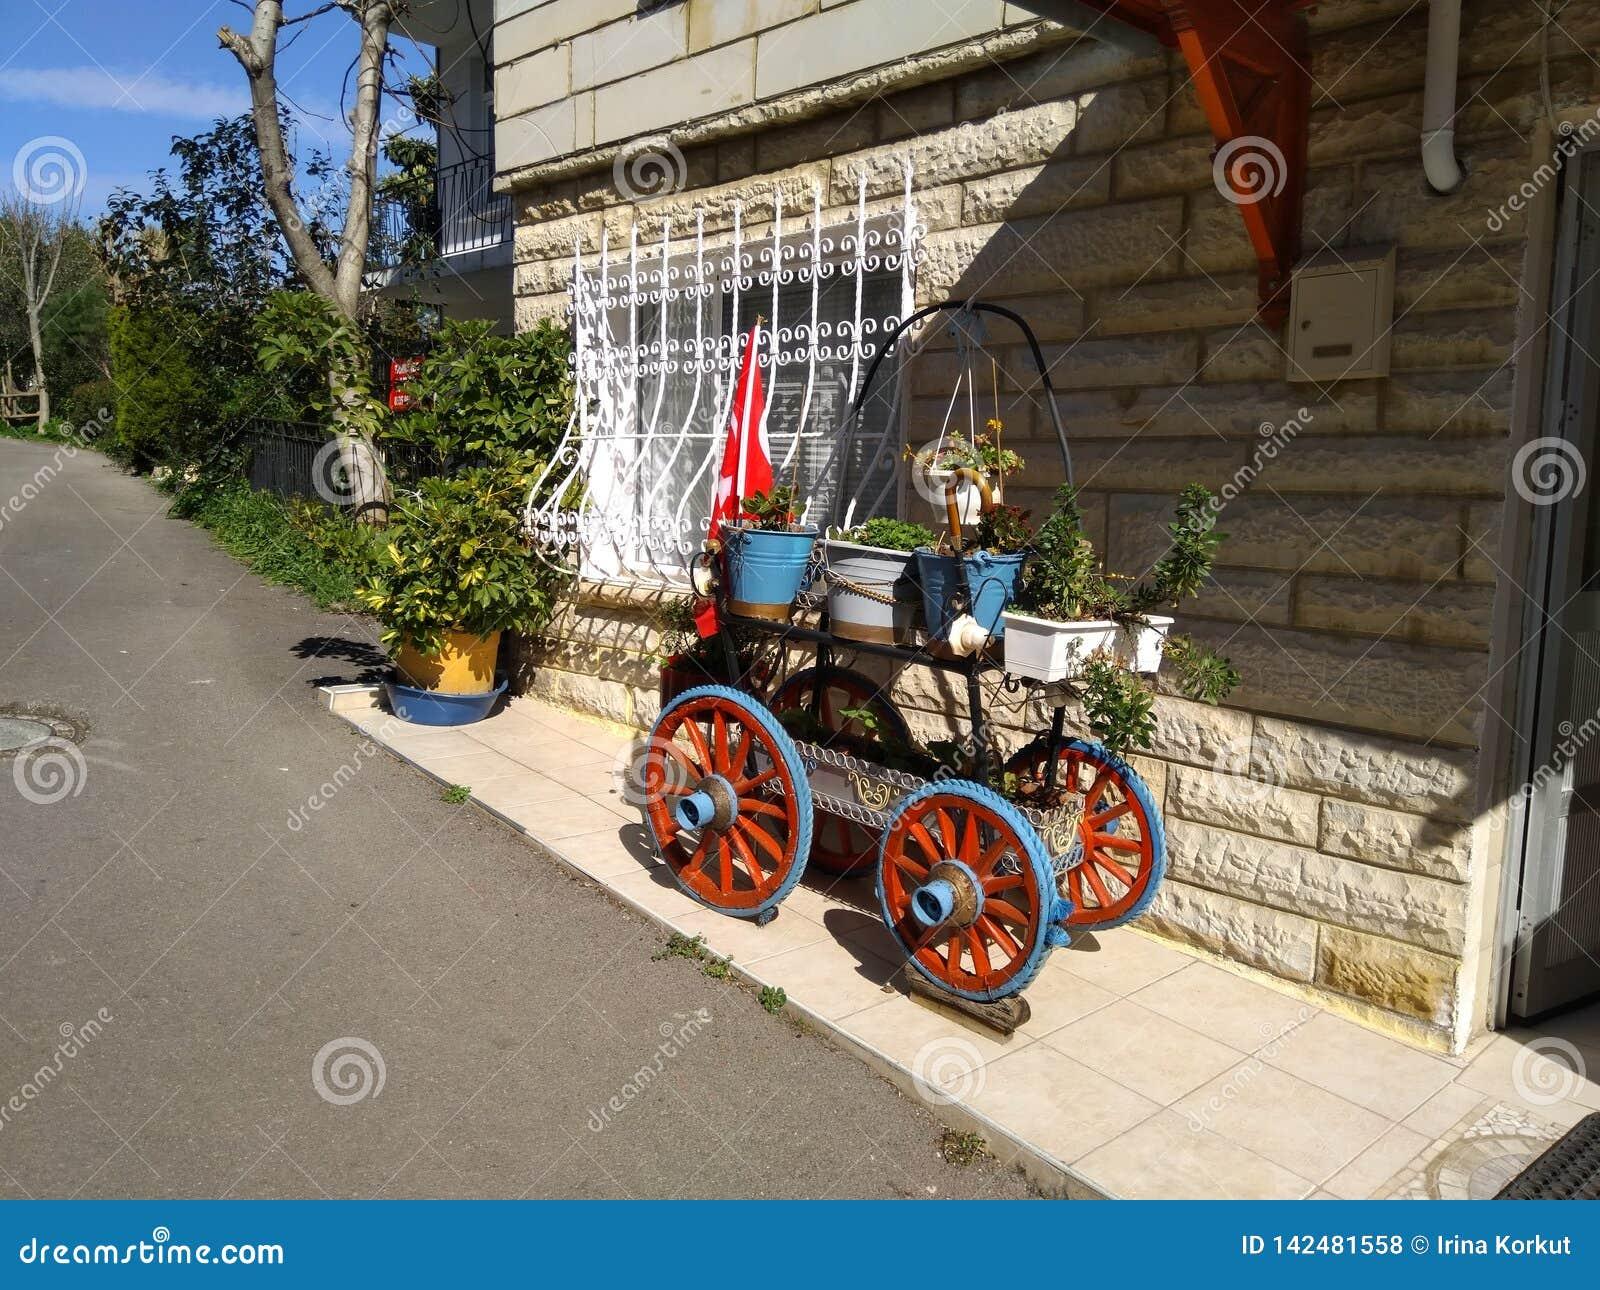 Sehr netter dekorativer Lastwagen mit Blumen auf ihm